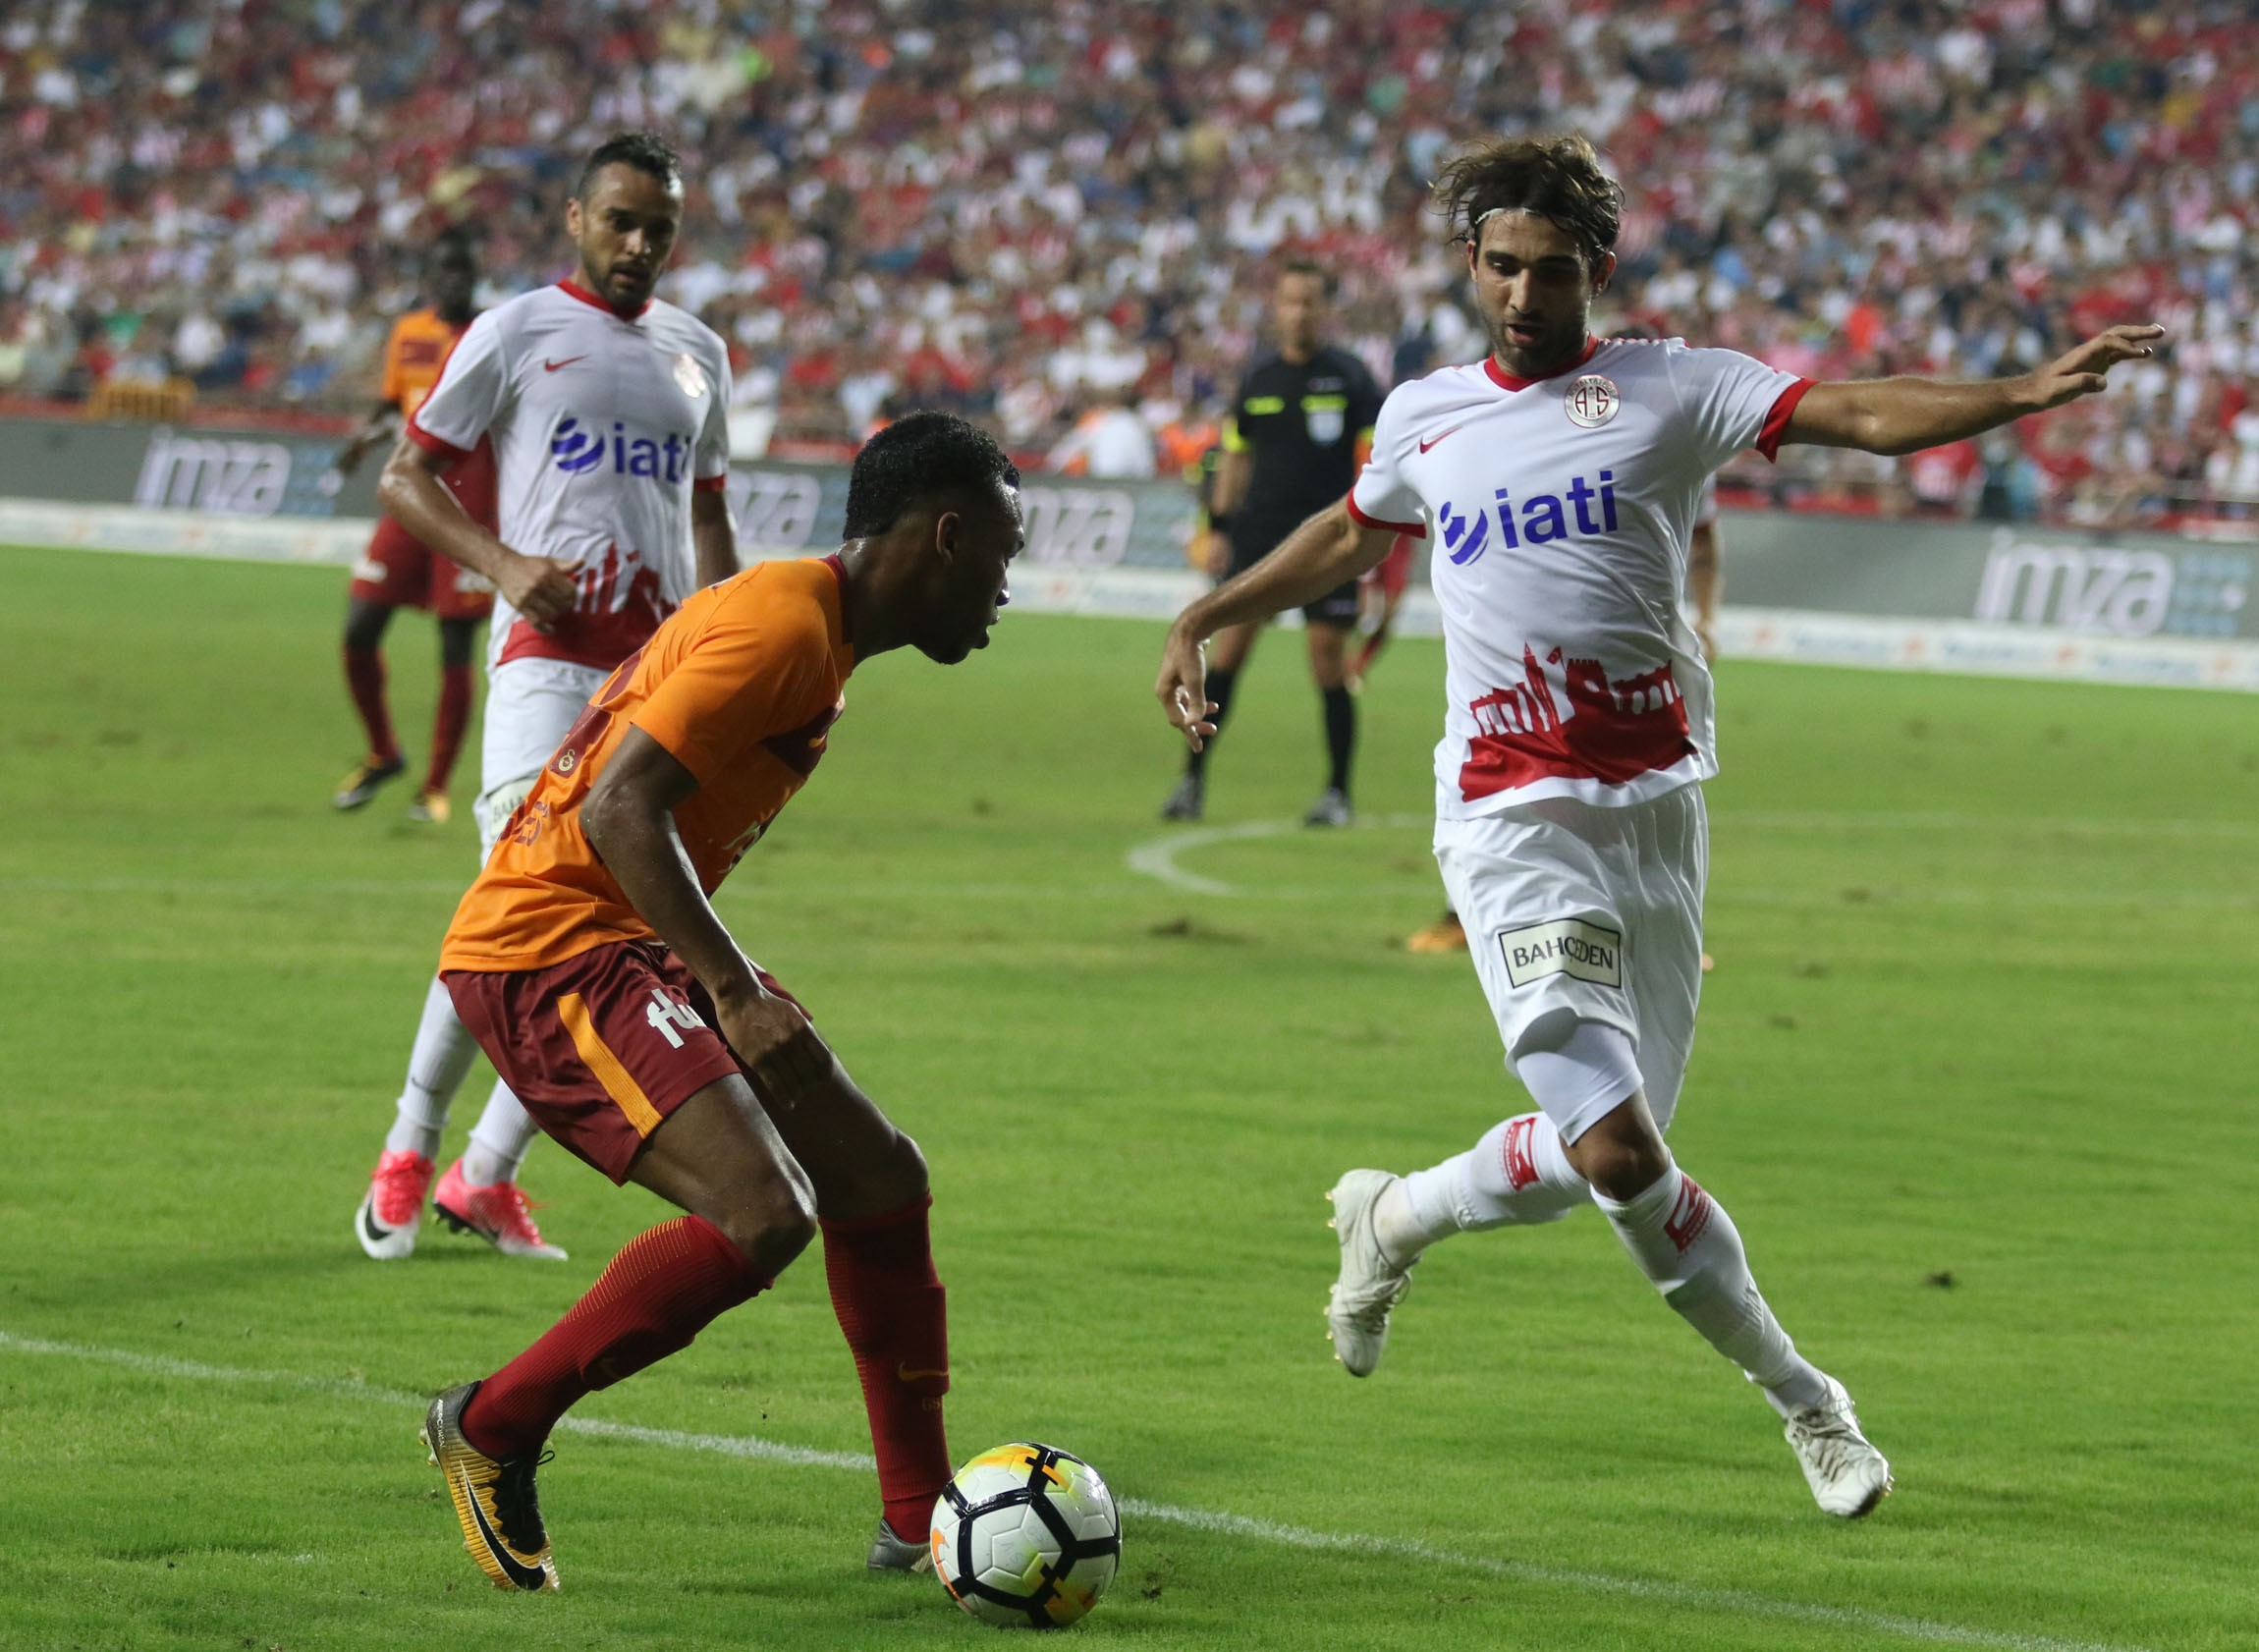 Bein Sports 1 Izle Galatasaray Antalyaspor Canli İzle: Galatasaray Antalyaspor Canlı İzle ! Galatasaray Antalya